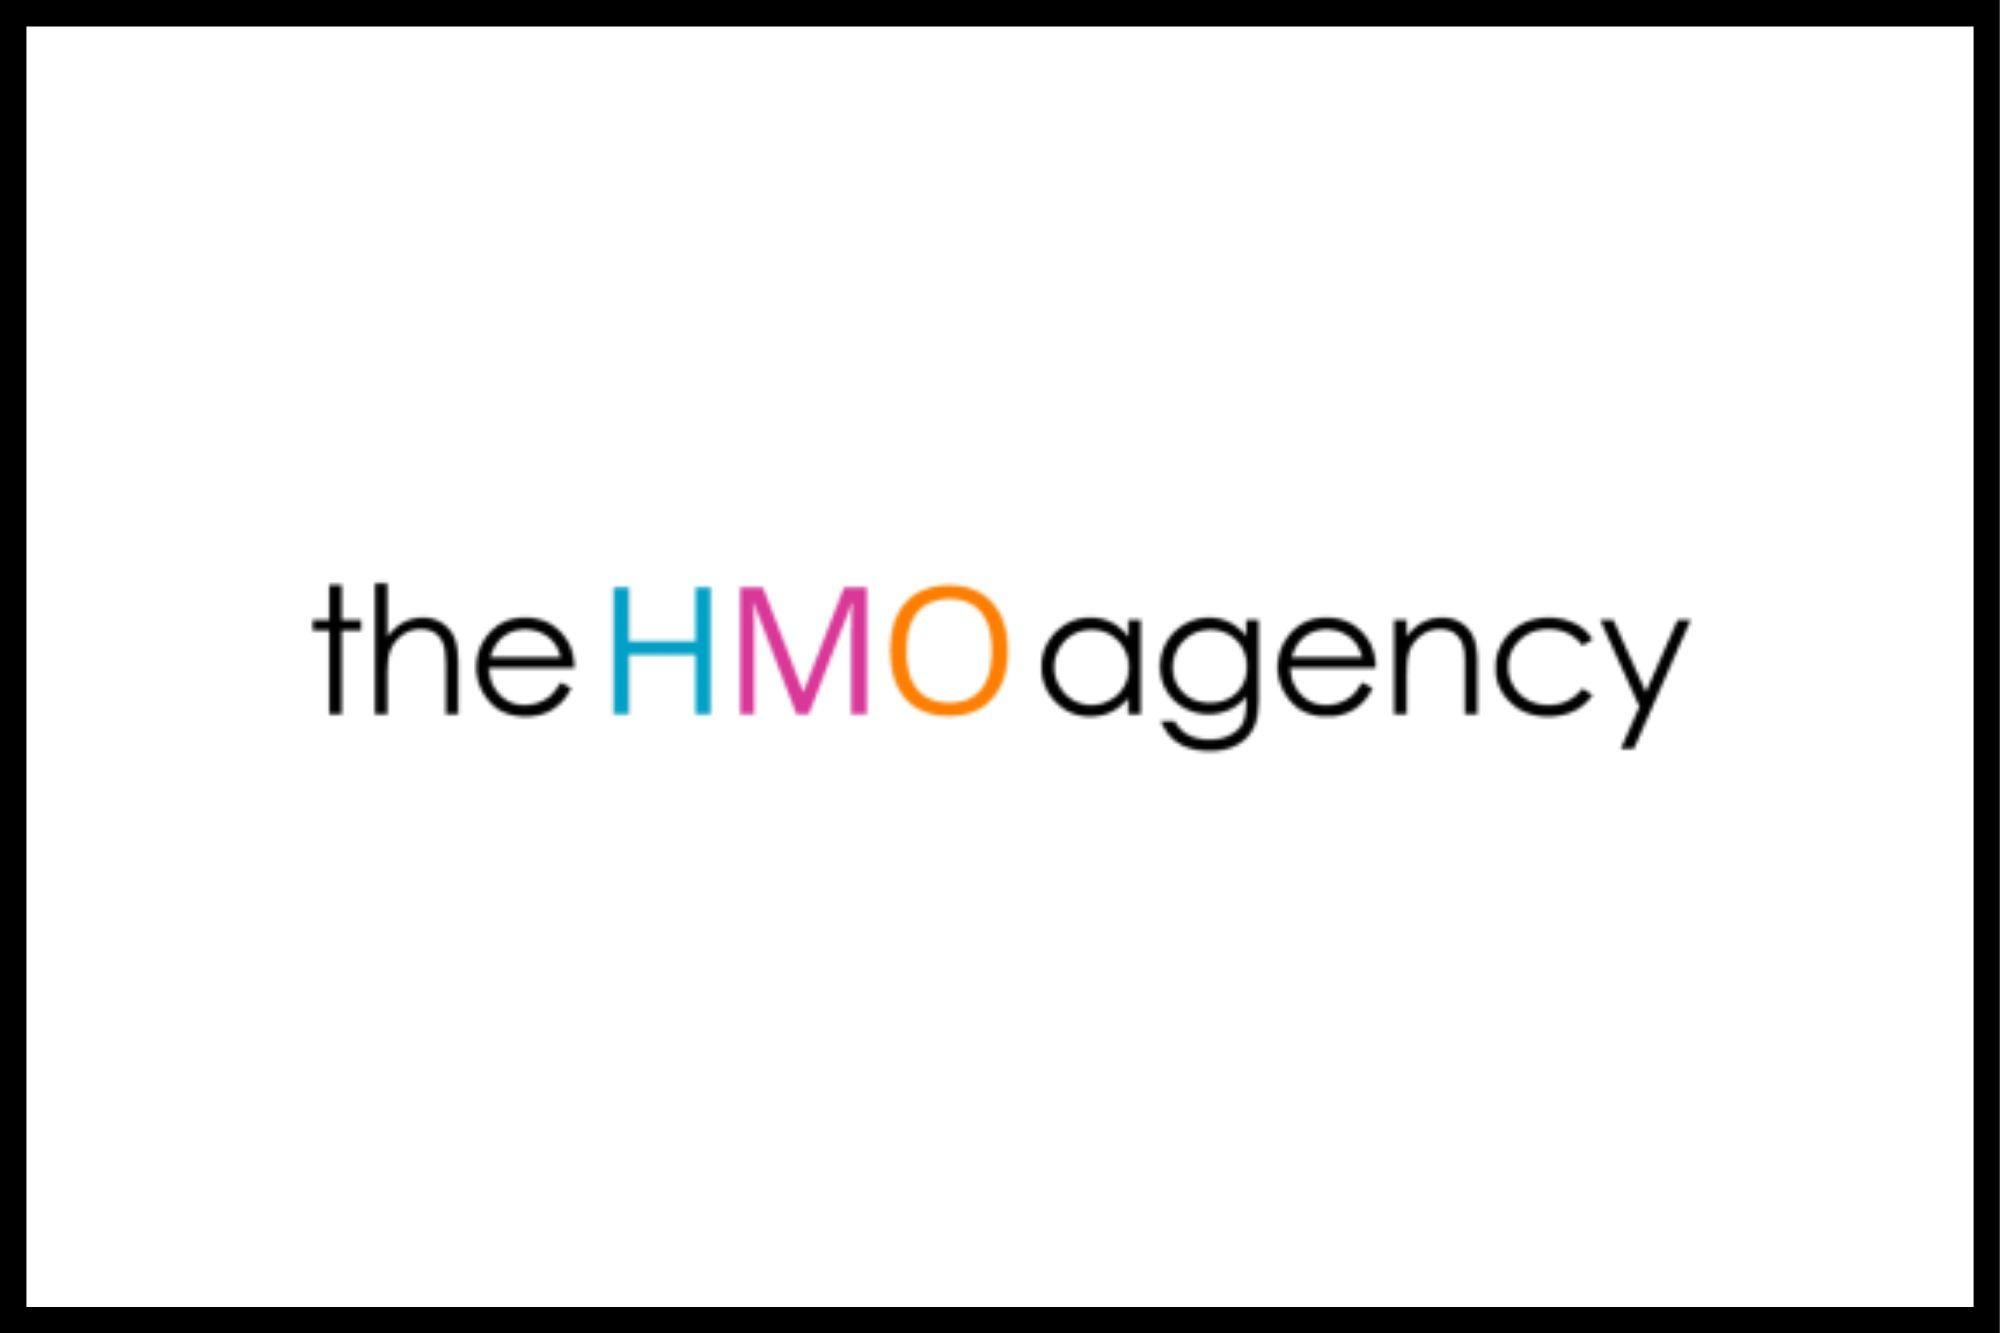 The HMO Agency